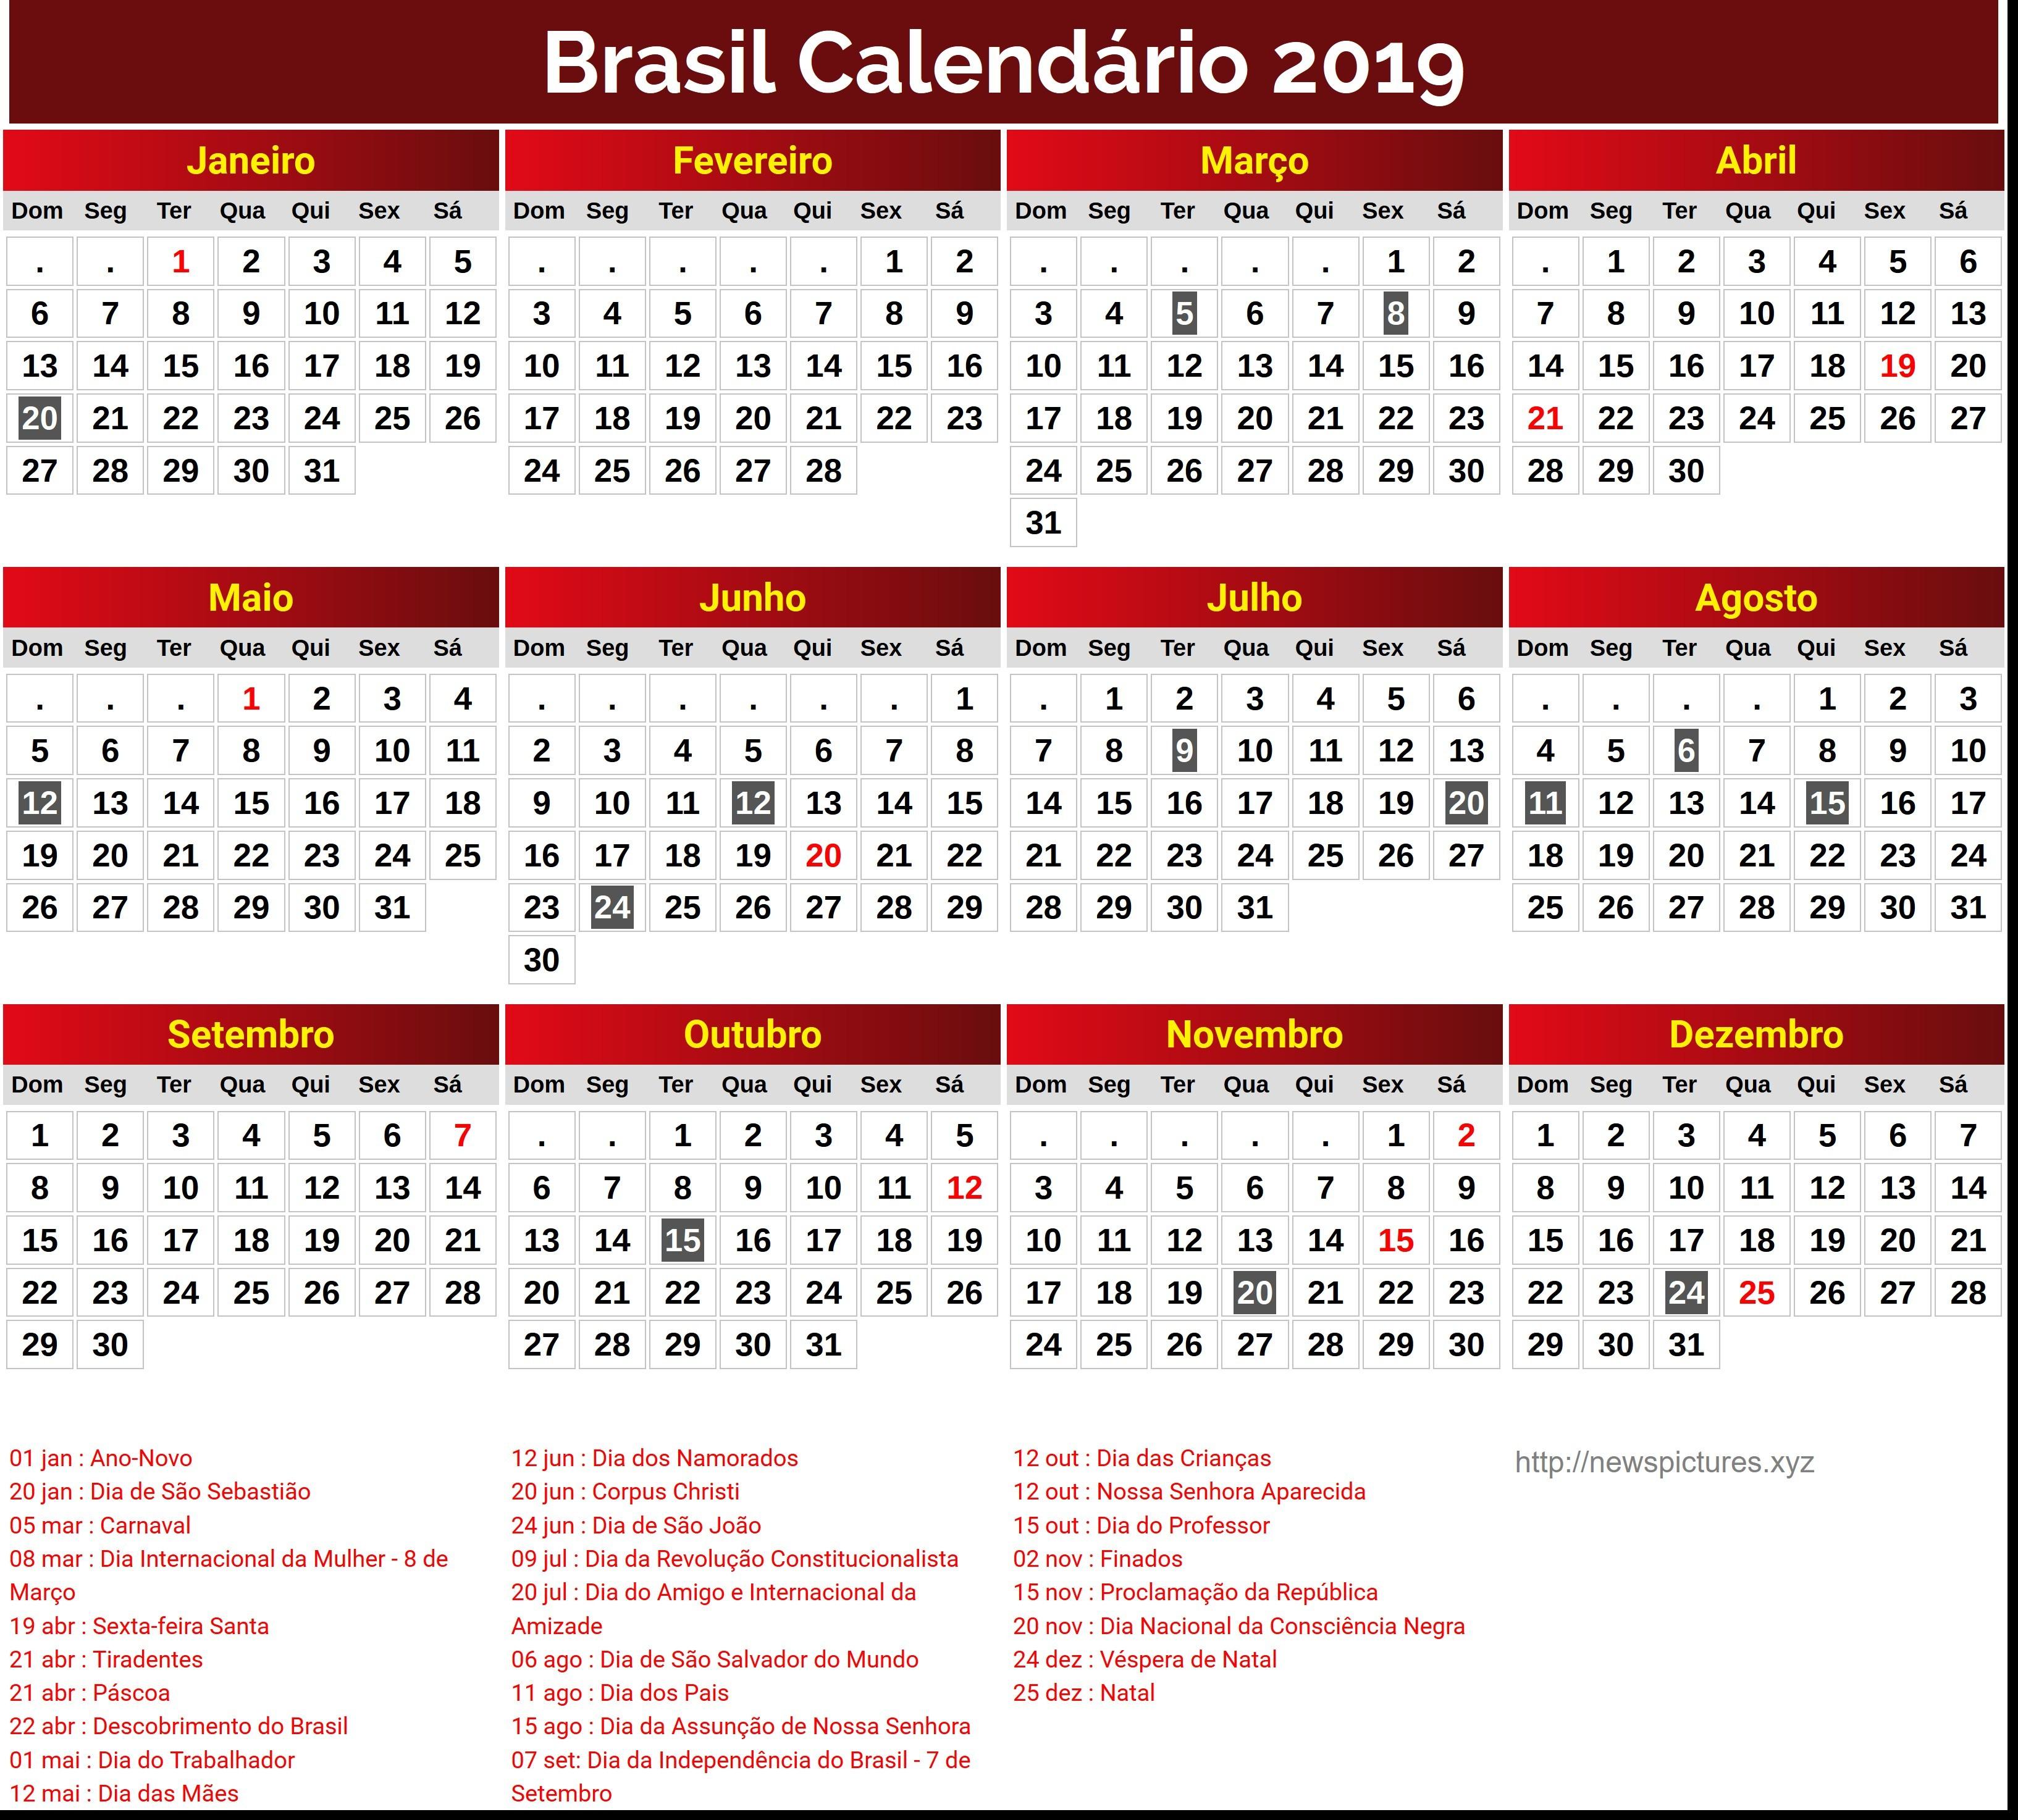 Calendario 2019 Feriados De Carnaval Más Reciente Evaluar Calendario 2019 Con Sus Feriados Of Calendario 2019 Feriados De Carnaval Más Reciente Calendar 2019 Kuda Malaysia Vbs Volunteer Sign Up Sheet Template